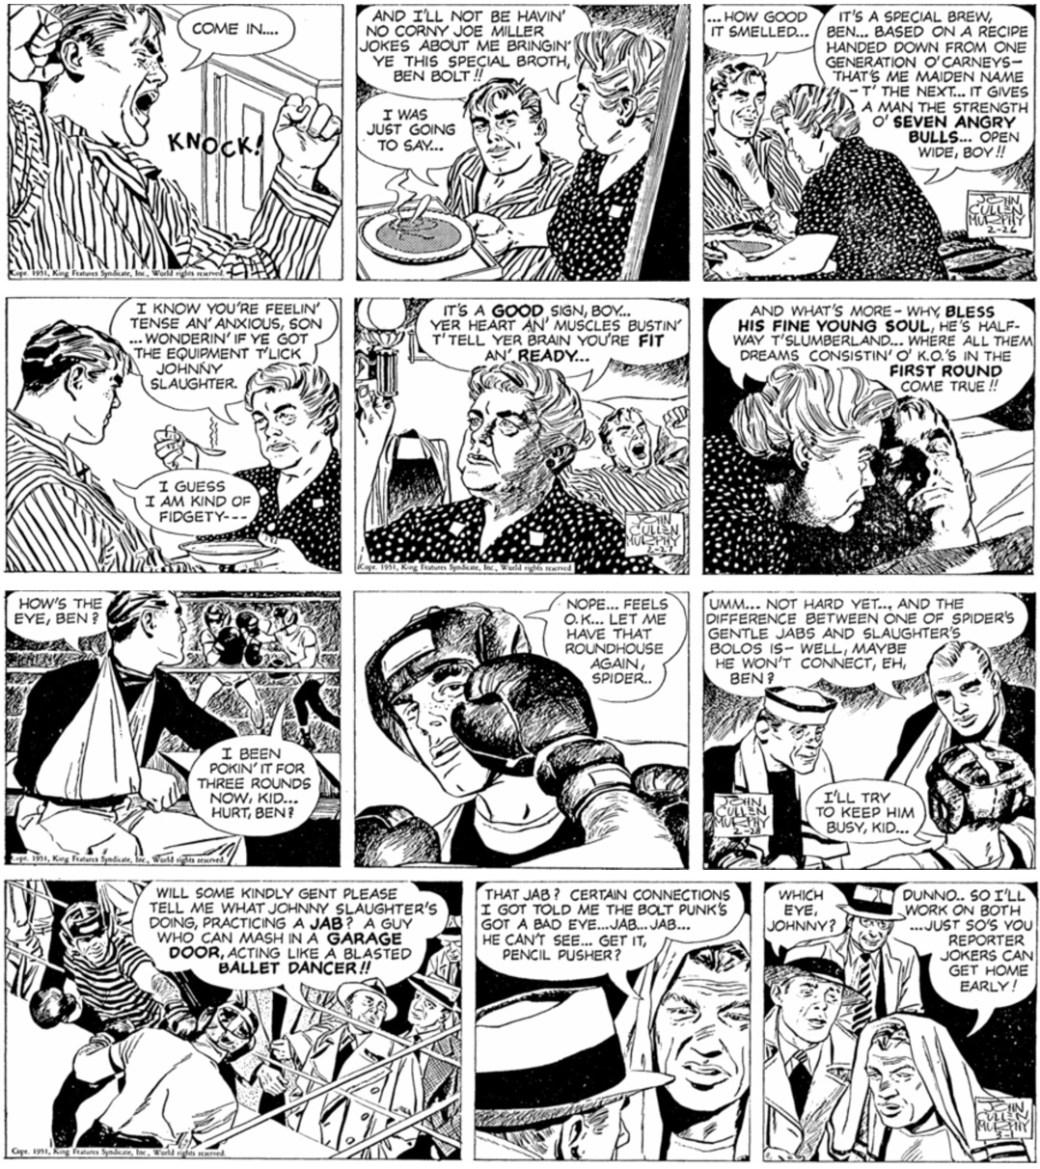 Stripparna från den 27-28 februari 1951 saknas i Ben Bolt nr 1, 1963